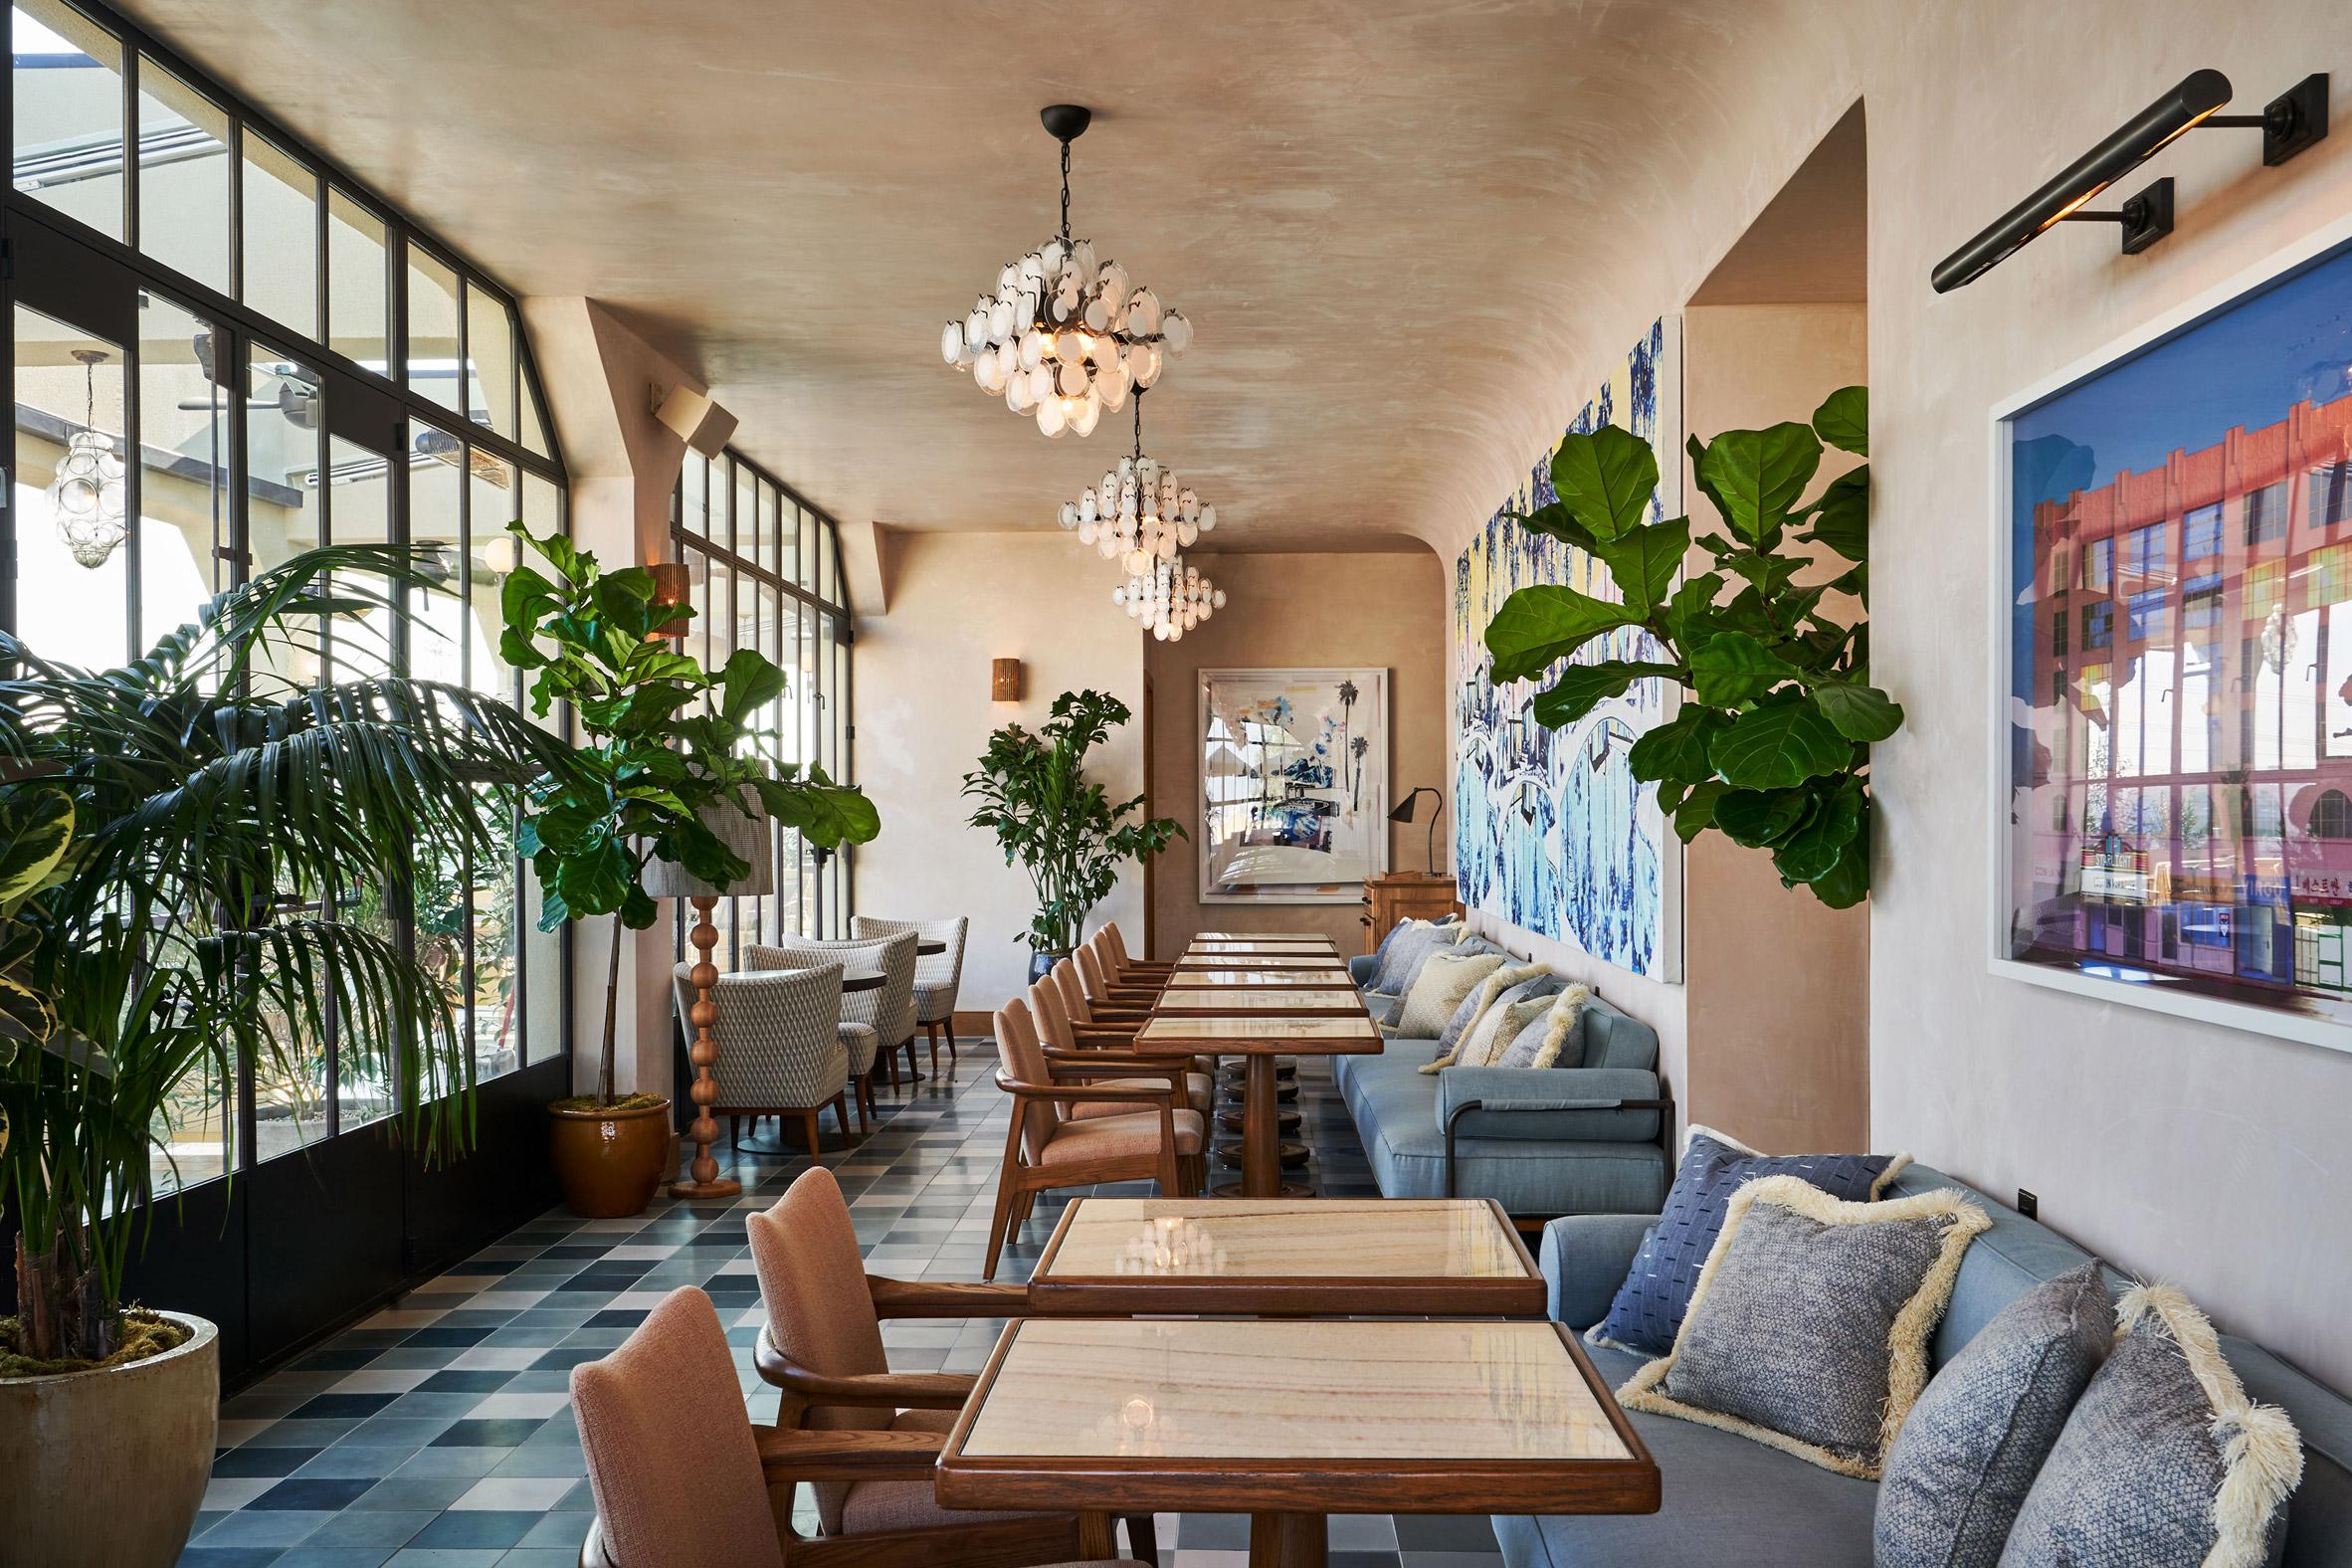 Thiết kế nội thất nhà hàng khách sạn 14